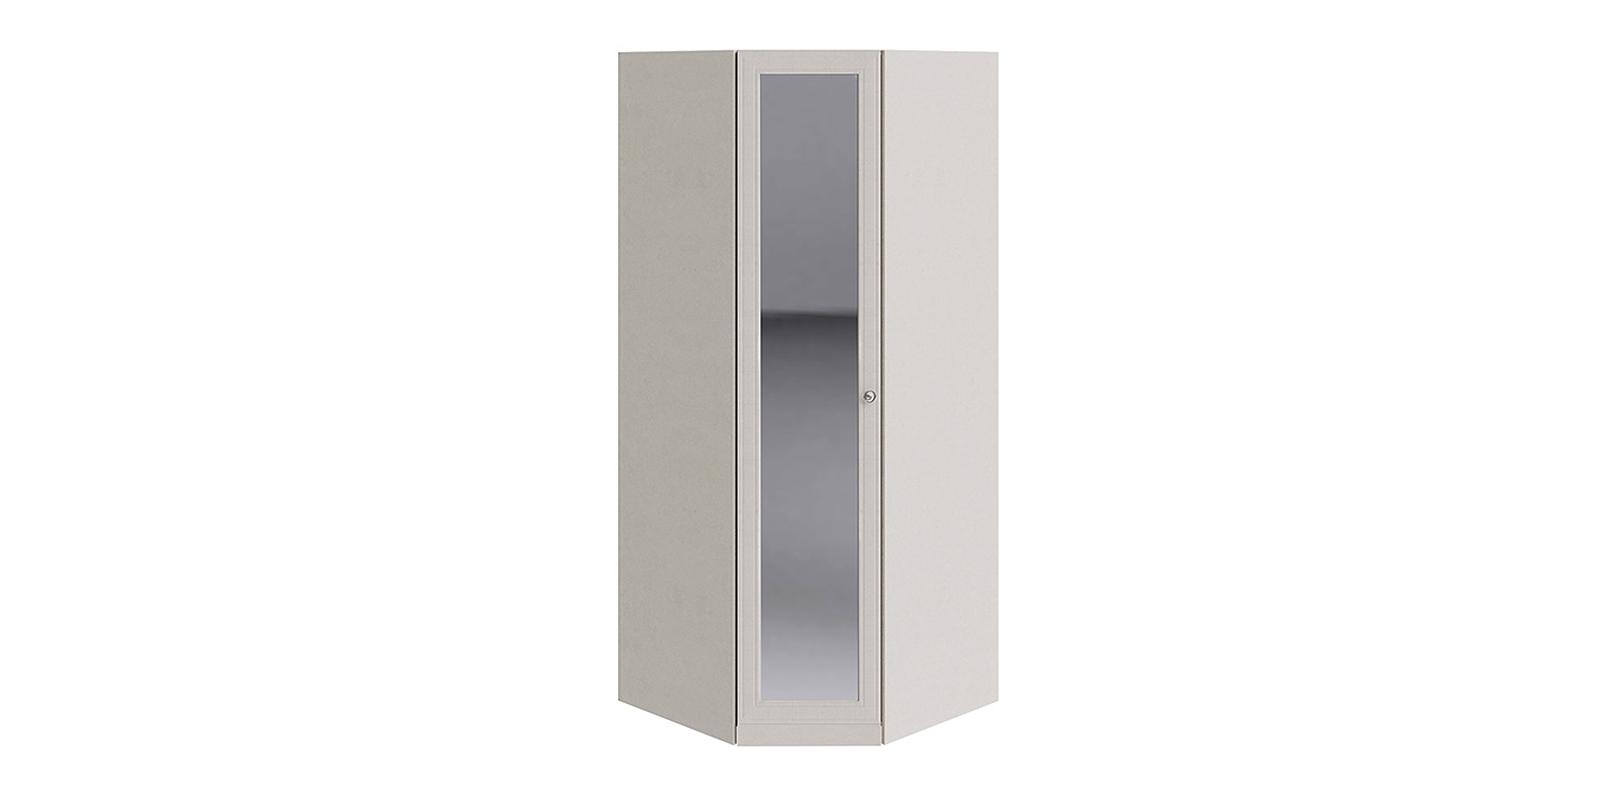 Шкаф распашной угловой Лацио вариант №2 (бежевый/зеркало)